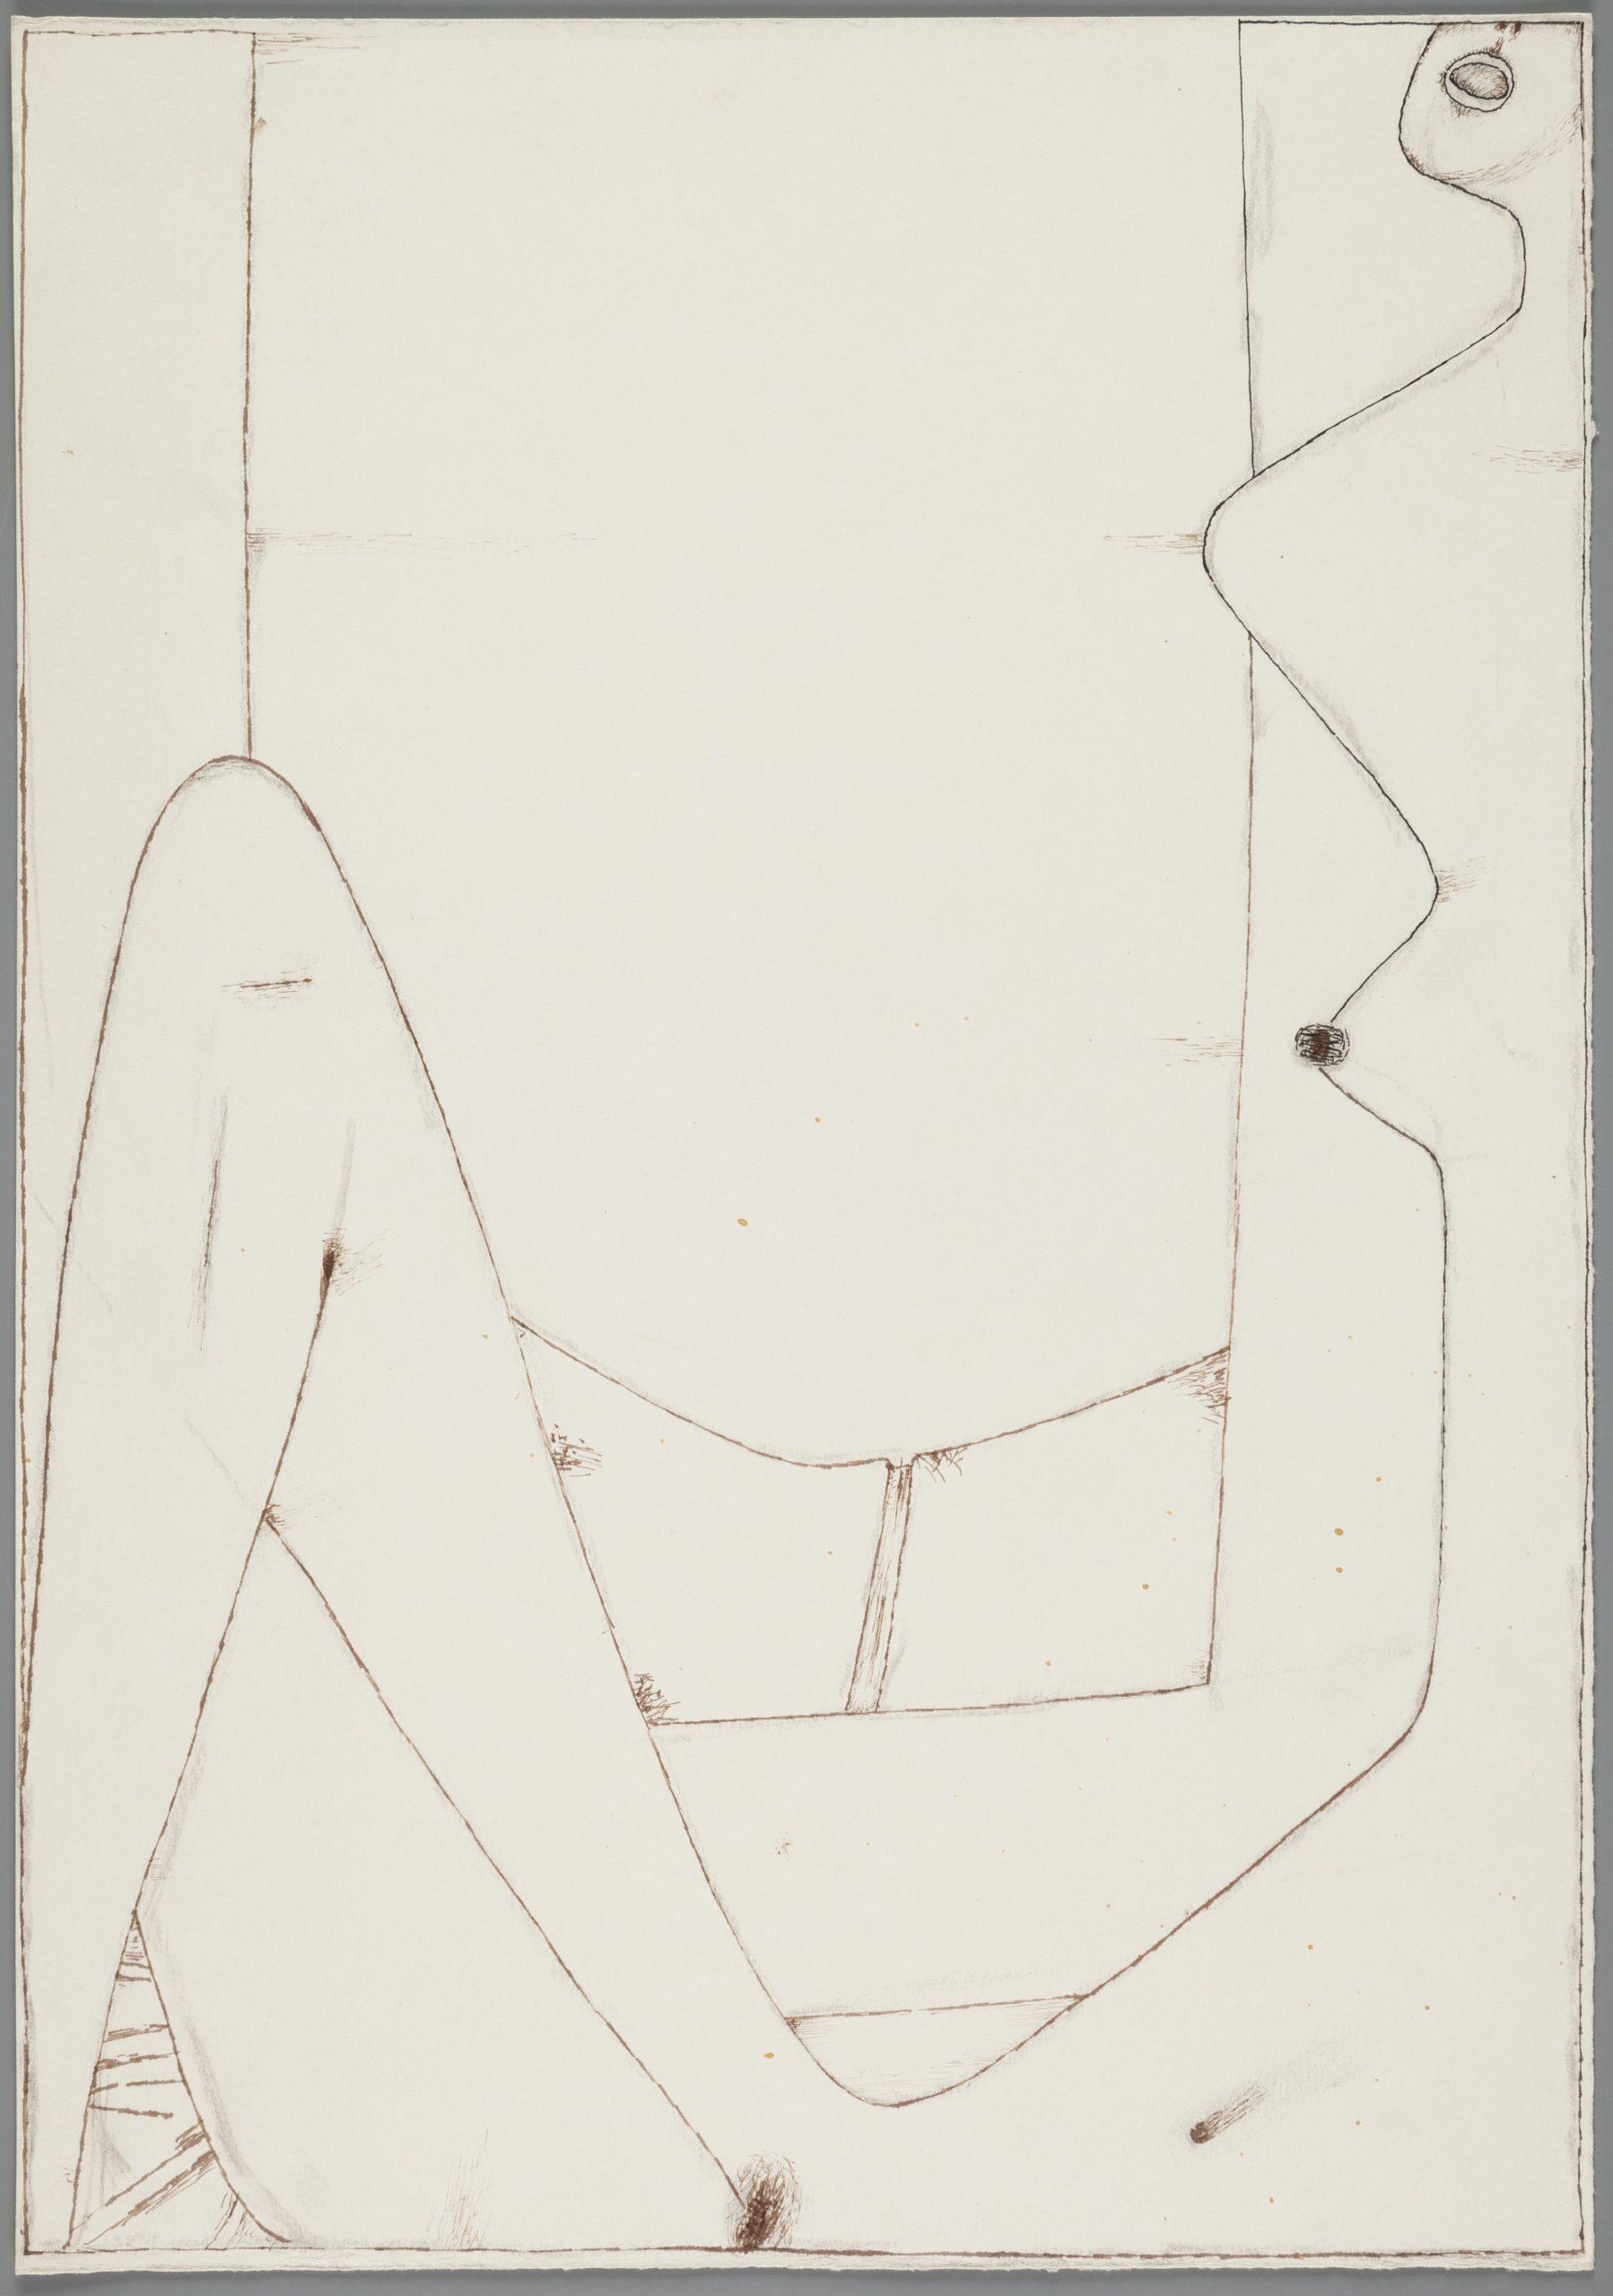 Jerzy Nowosielski, Akt z oknem, karton, tusz, 1966, Muzeum Narodowe w Krakowie (źródło: materiały prasowe)